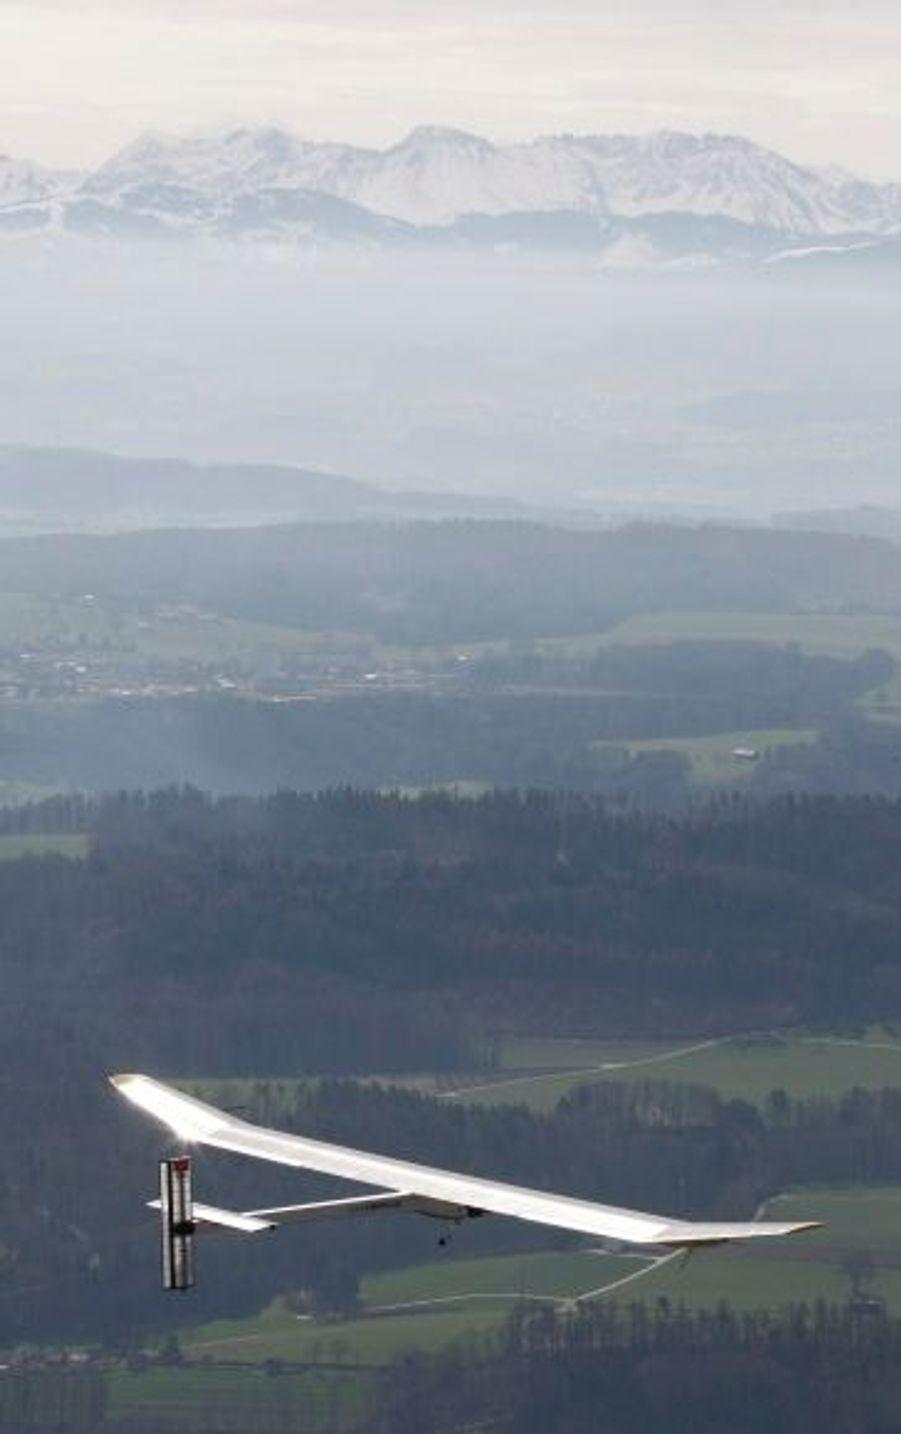 Par delà les bois, les nuages... les vallées